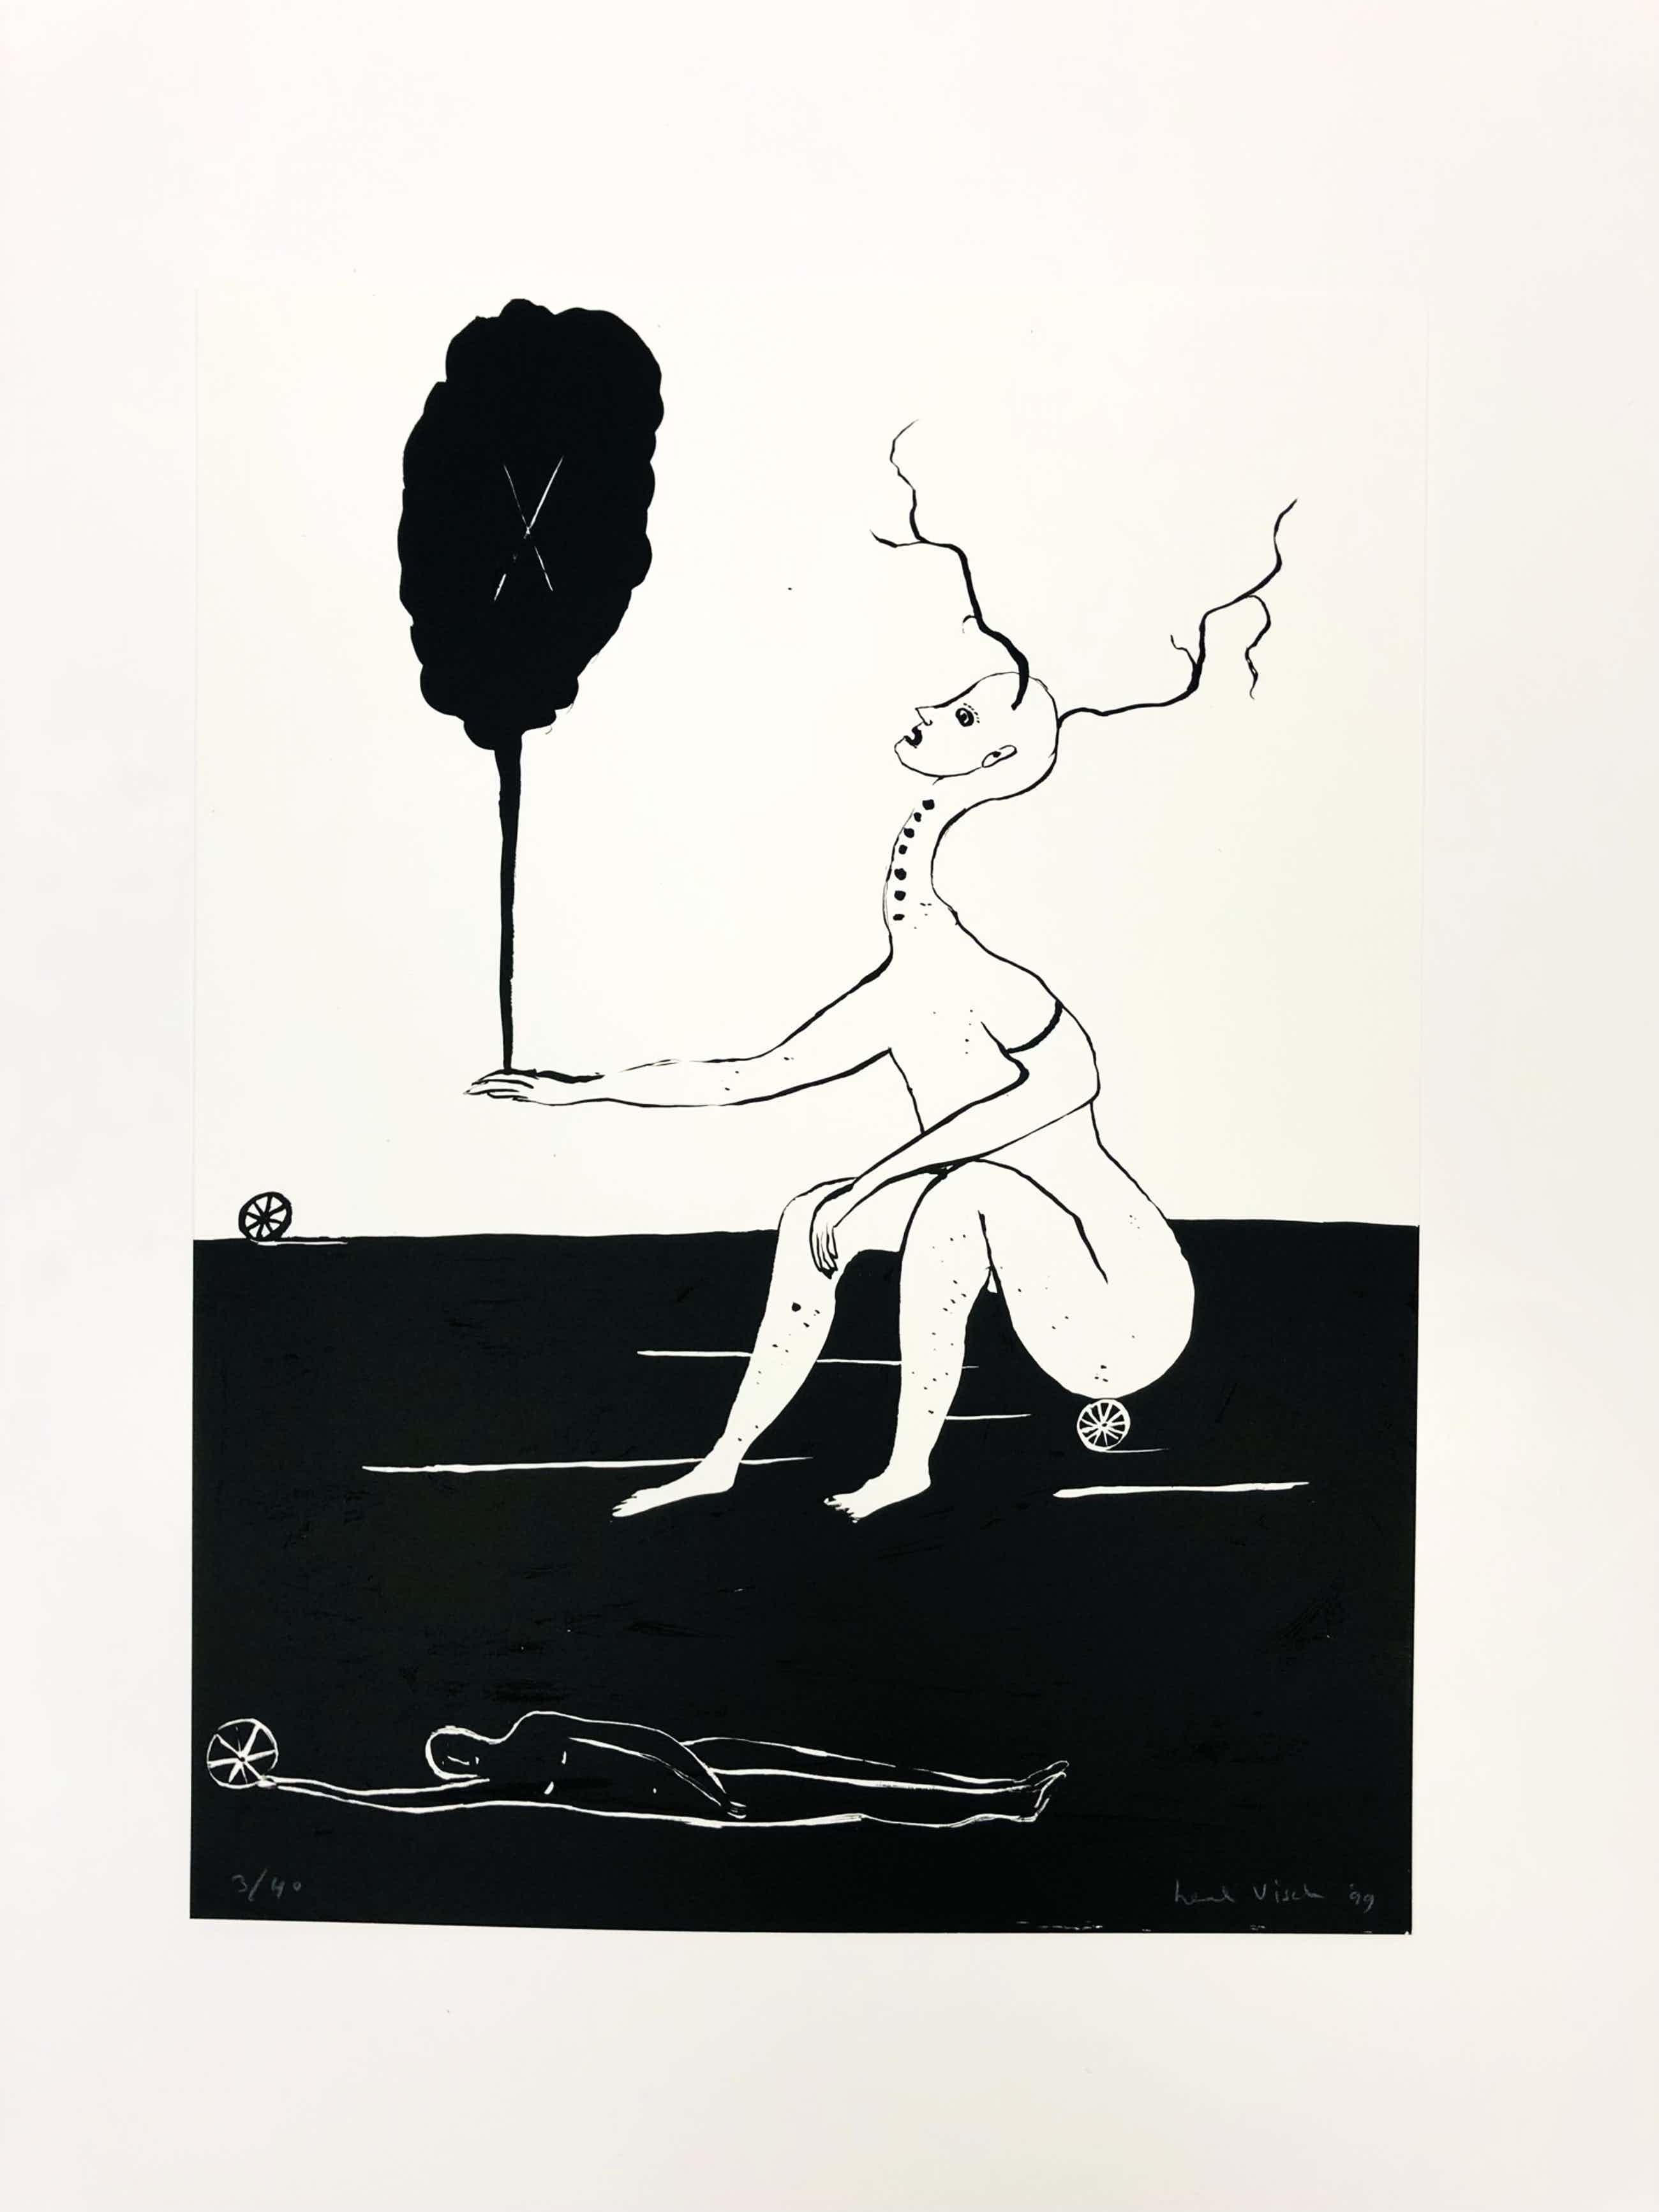 Henk Visch - Uit de serie 'Vijf tekeningen 1999' kopen? Bied vanaf 95!